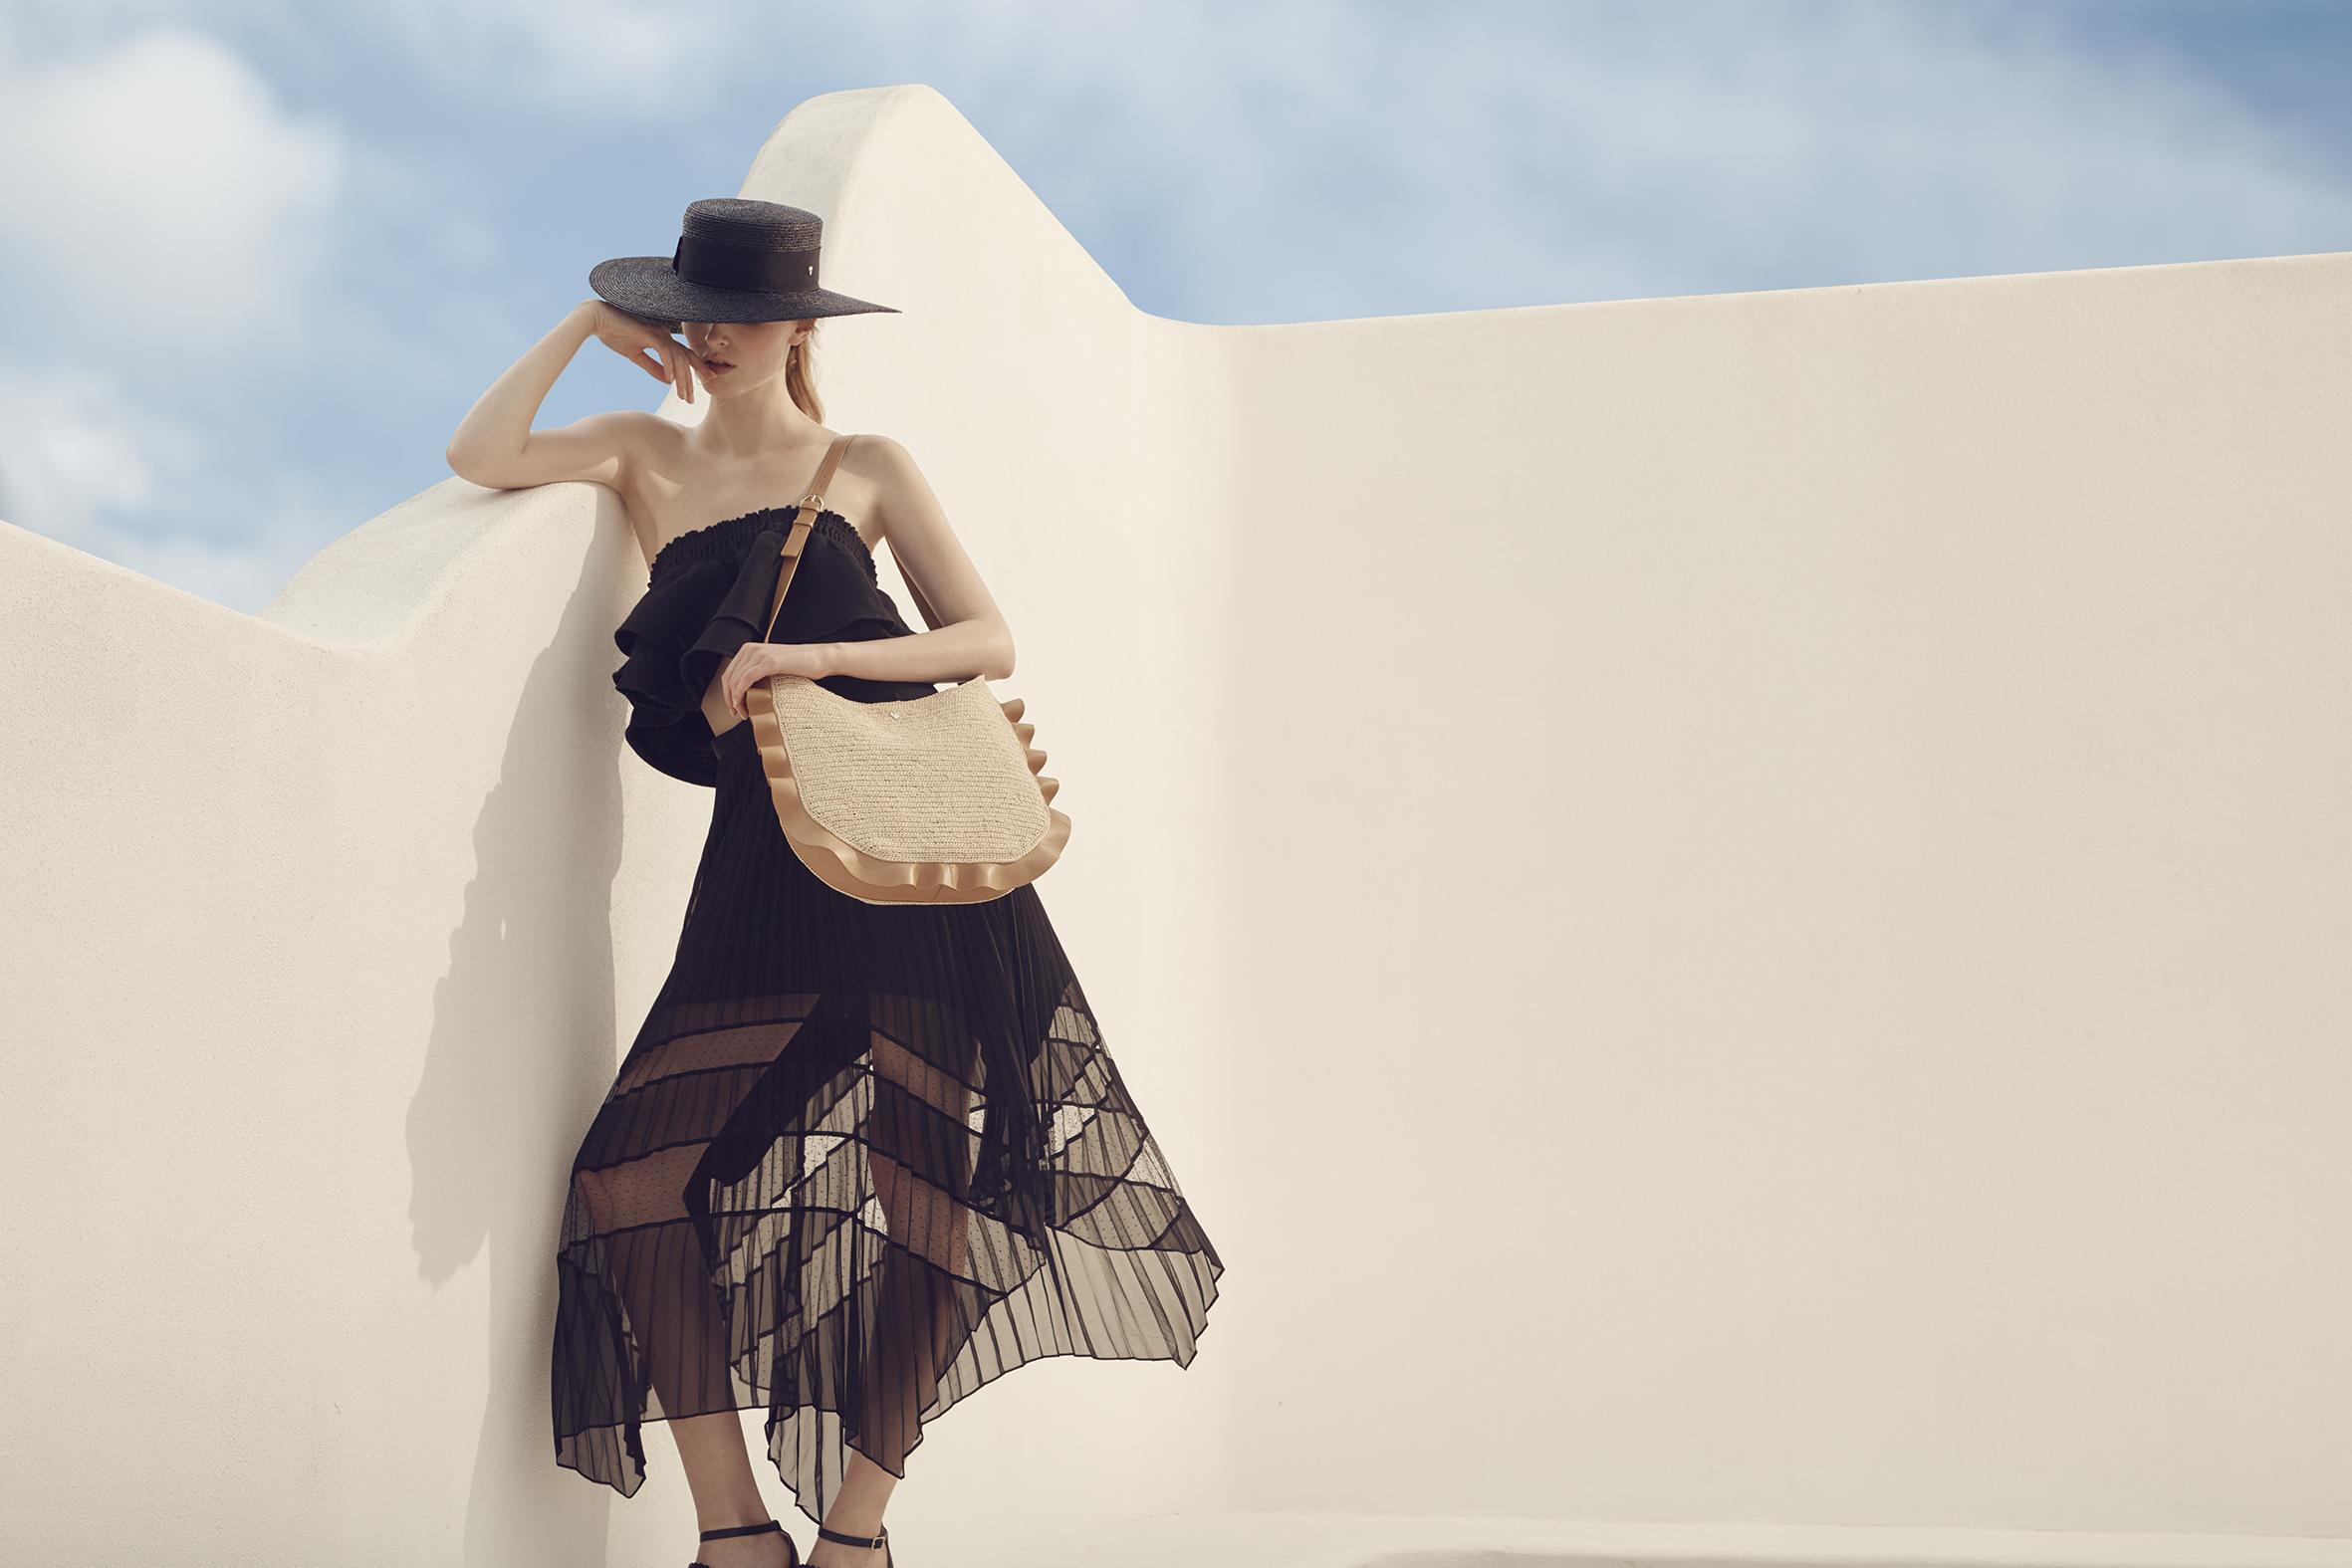 Design Hängelen modisch helen mertl fashion designer designer hängelen 187 a